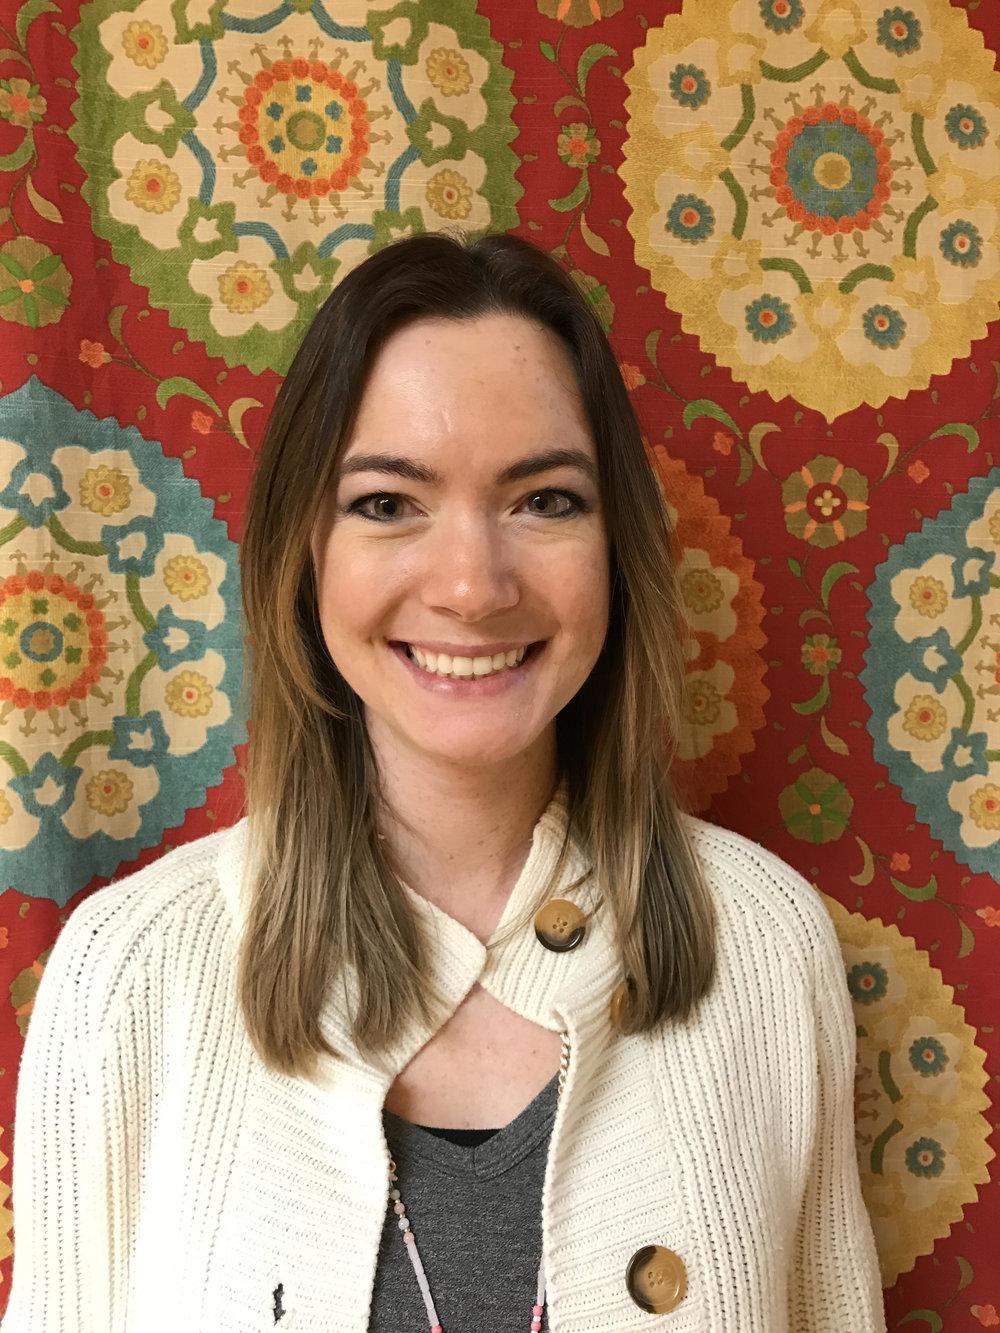 Kara Hackett